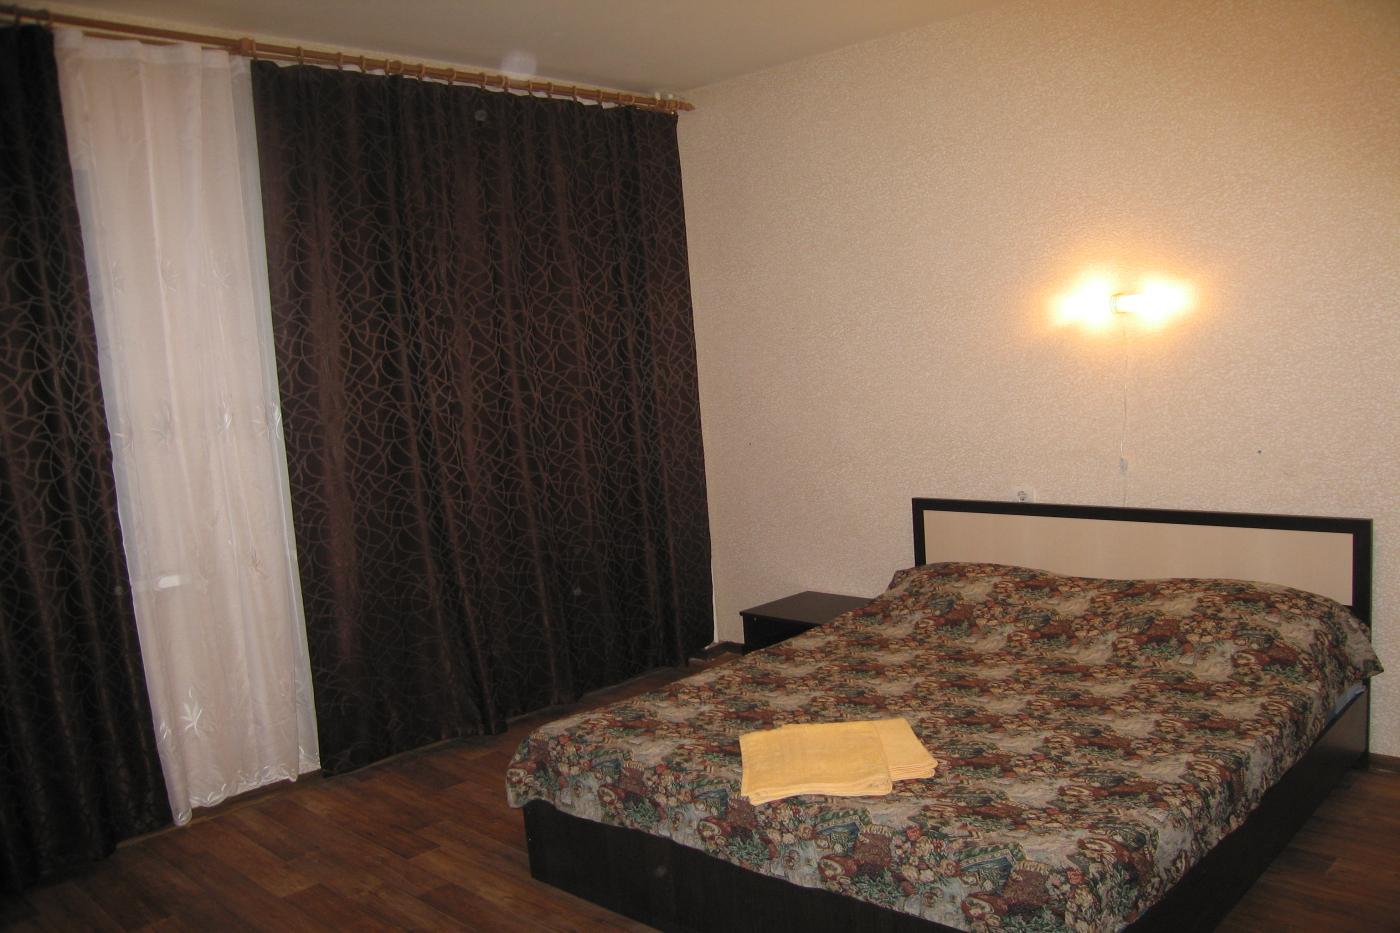 1-комнатная квартира посуточно (вариант № 2607), ул. лизюкова улица, фото № 6